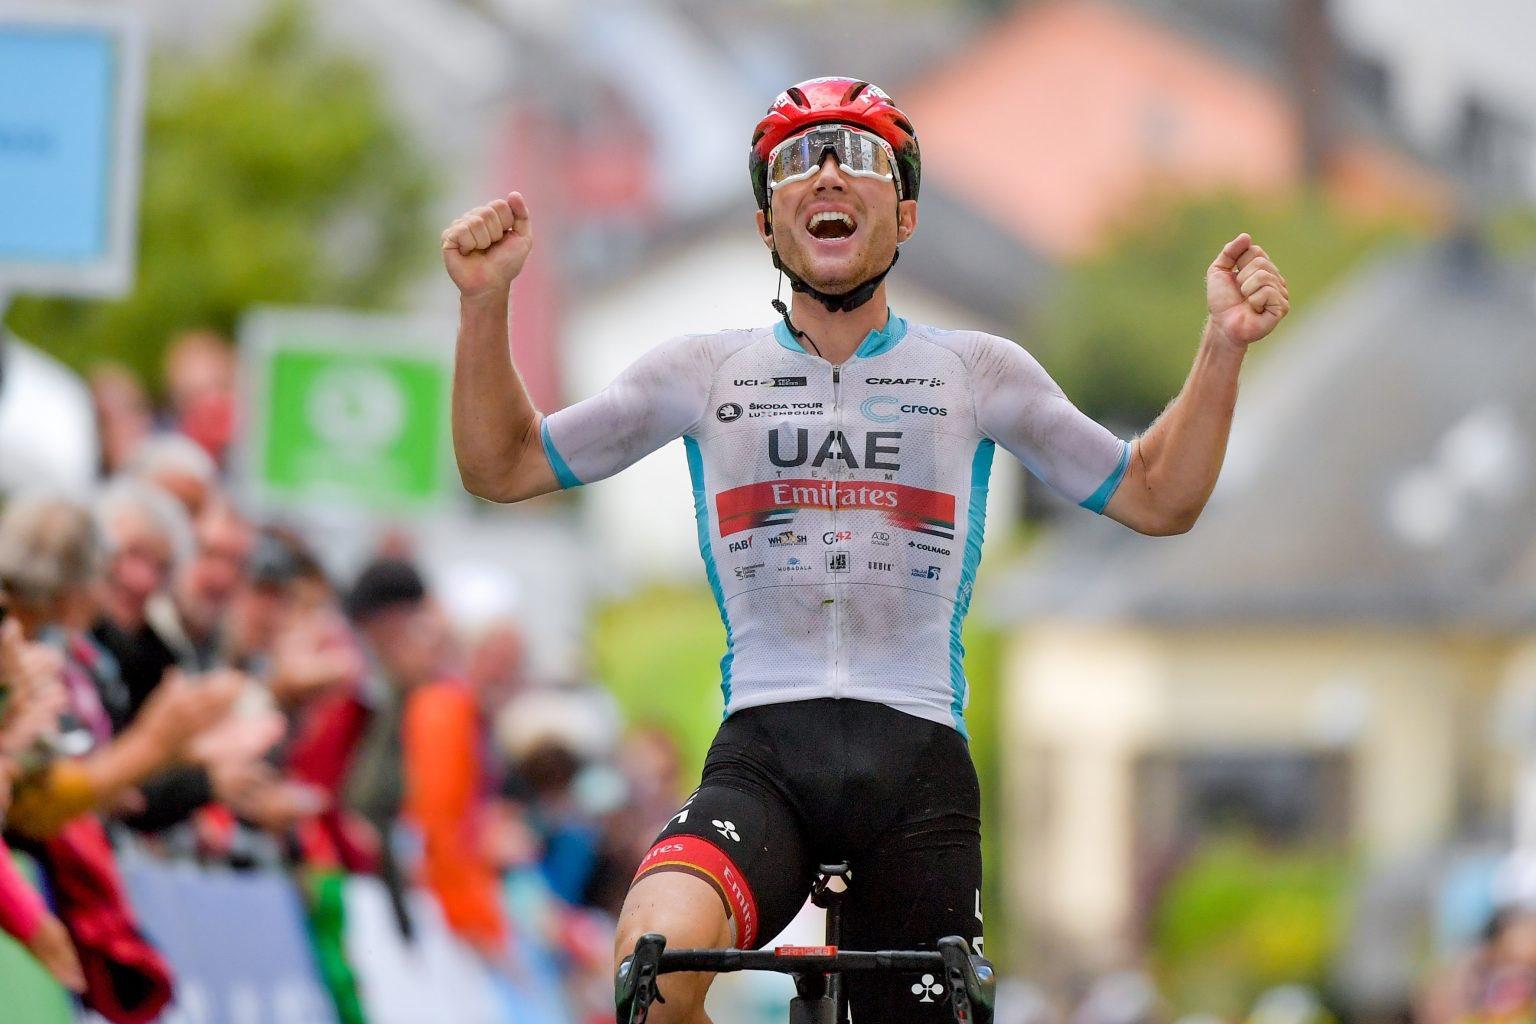 Marc Hirschi vence etapa e sobe à liderança do Skoda Tour! João Almeida defendeu-se bem com 2º lugar!